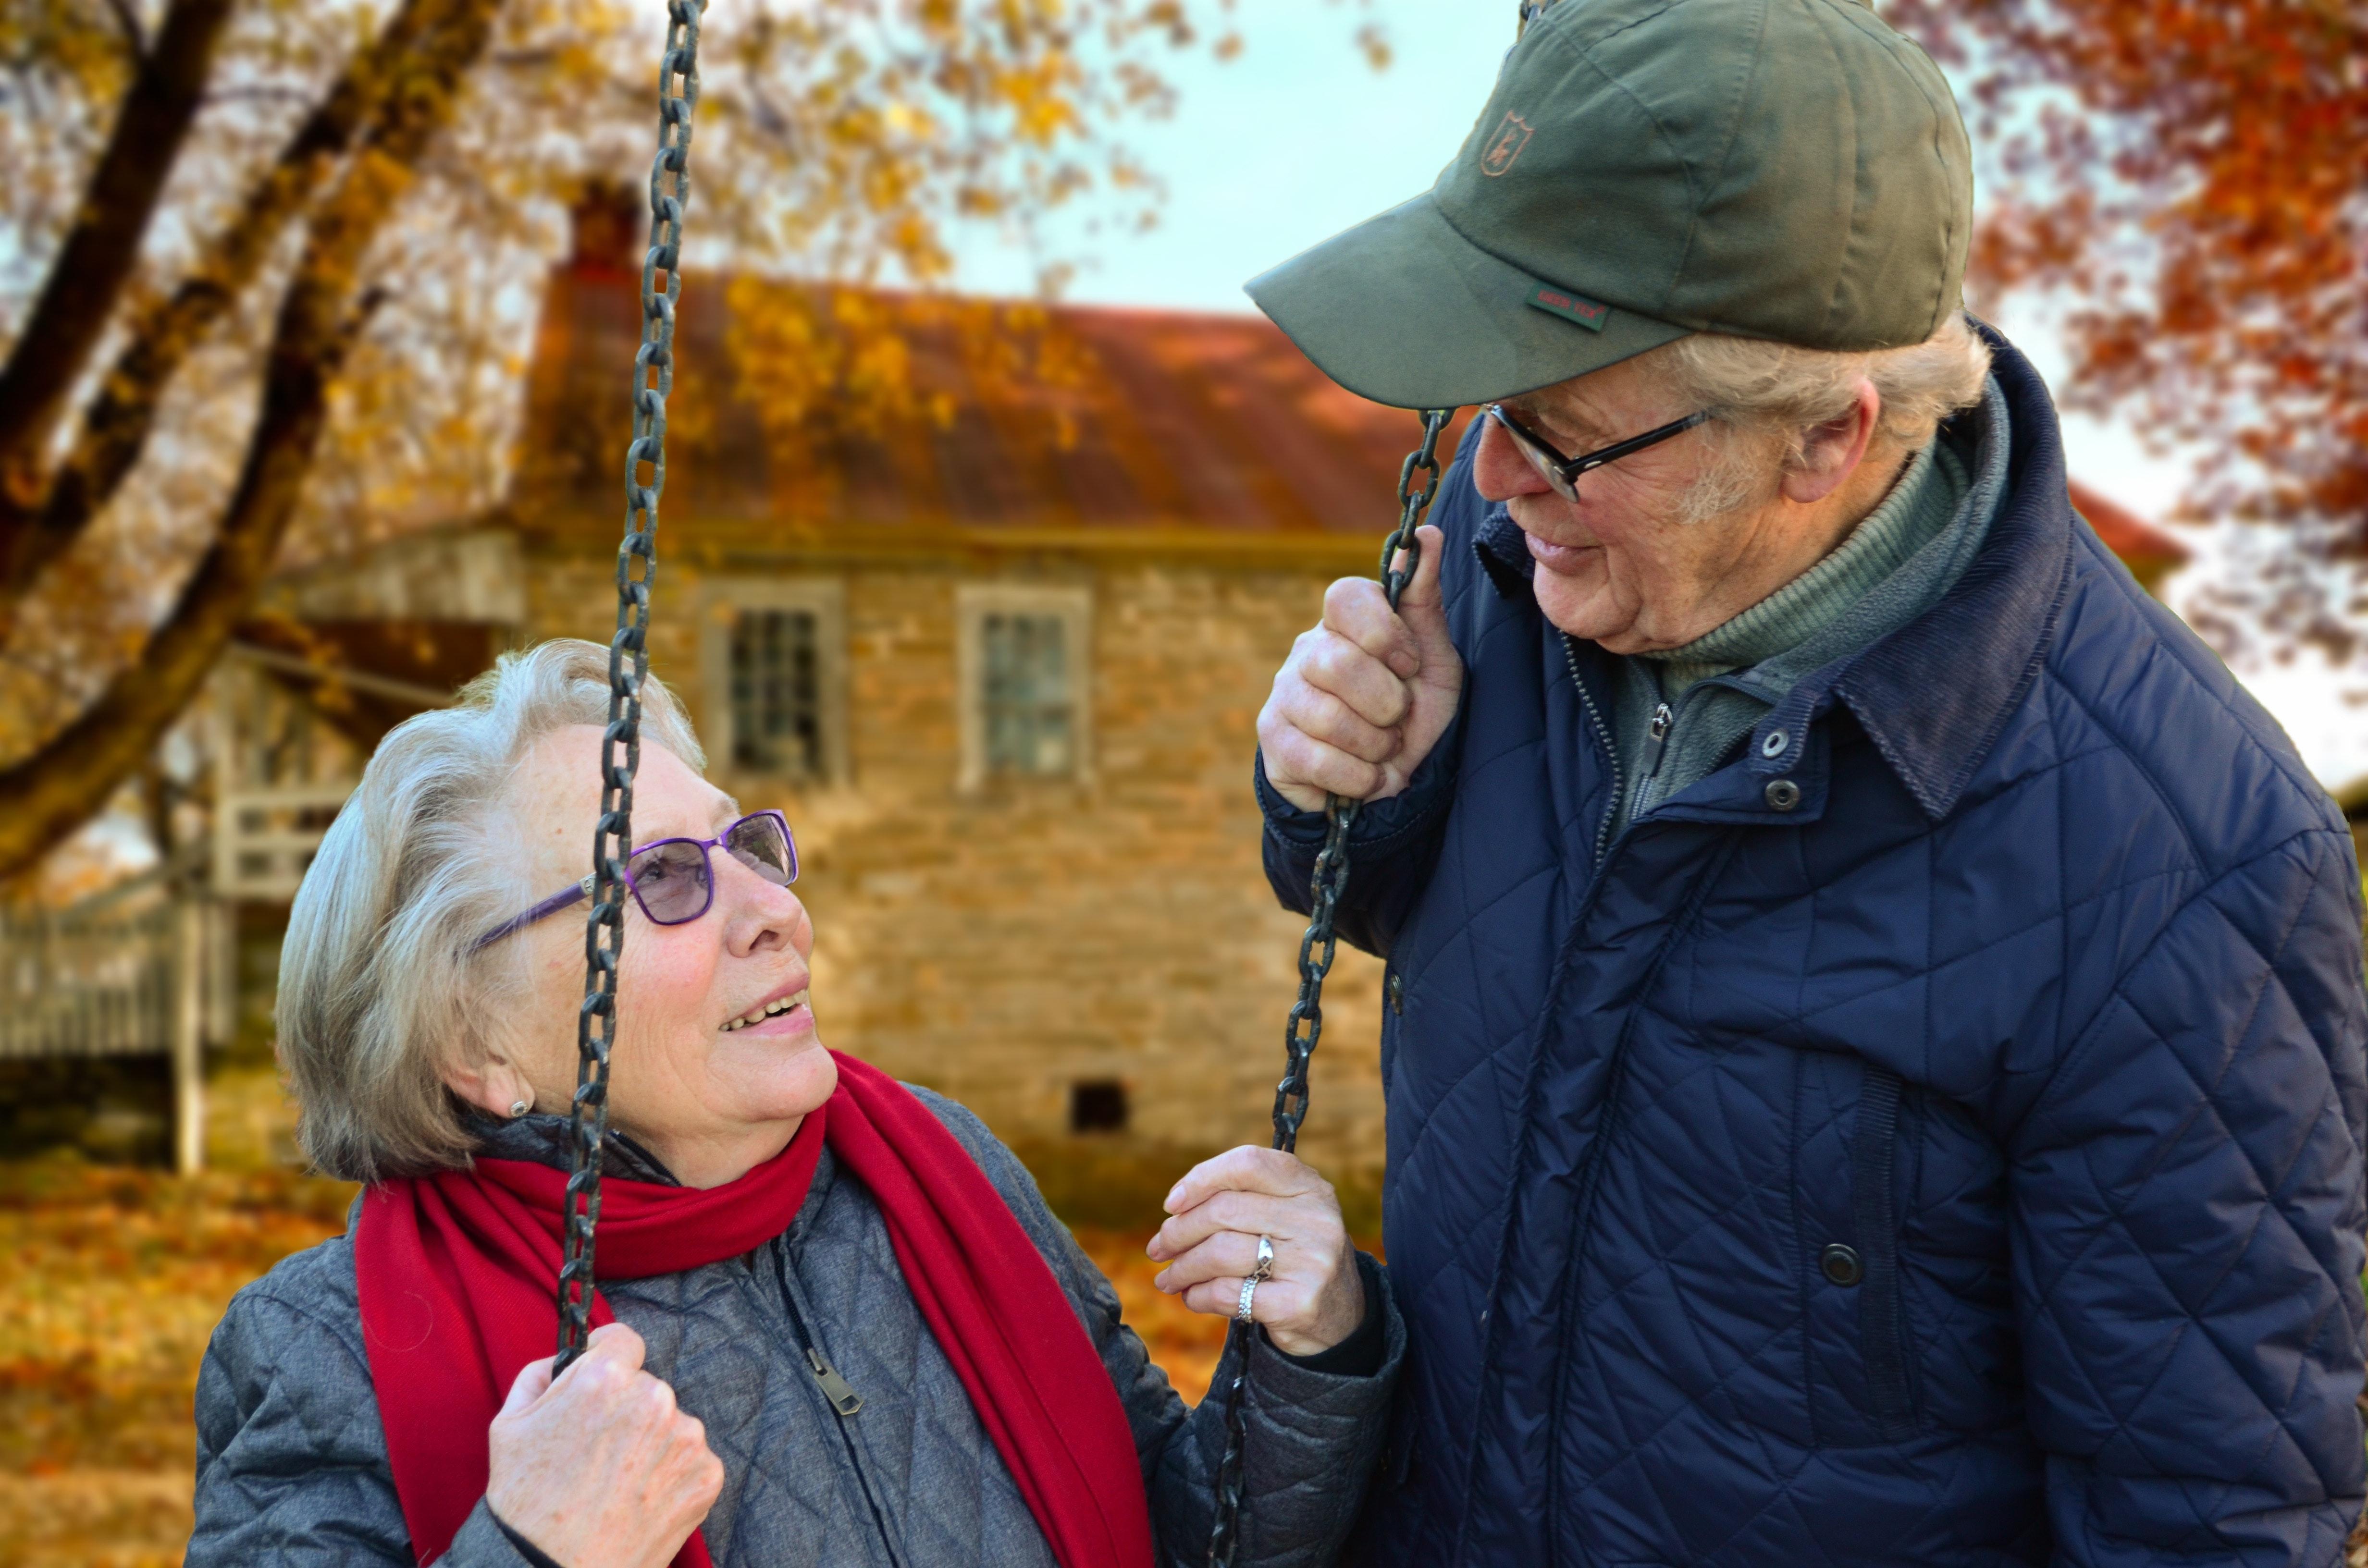 An older couple in a garden